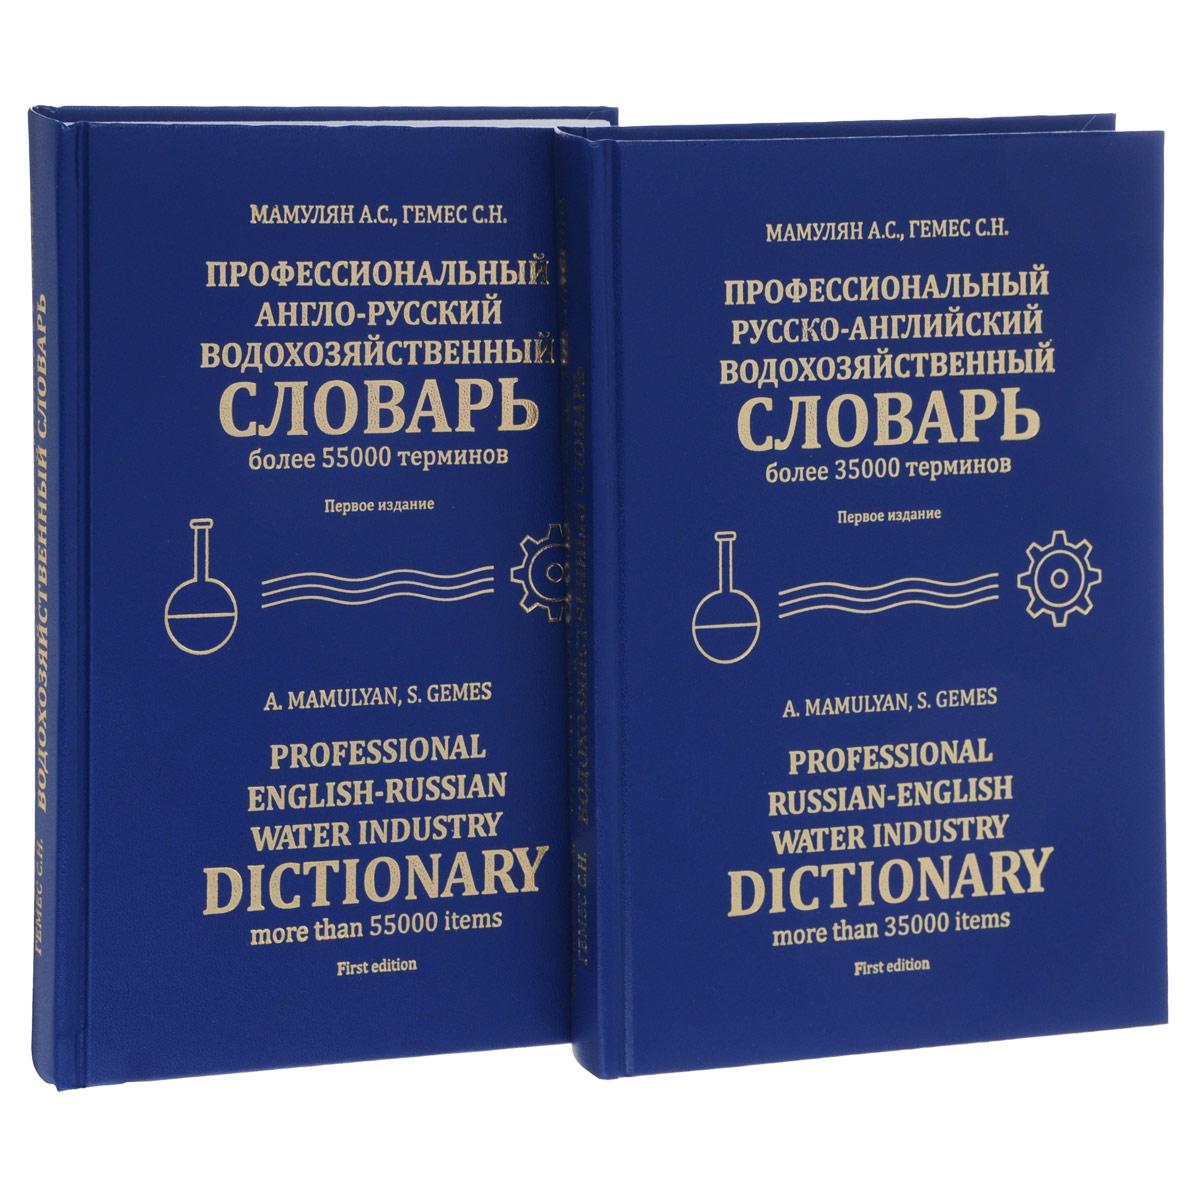 Профессиональный англо-русский водохозяйственный словарь (комплект из 2 книг)